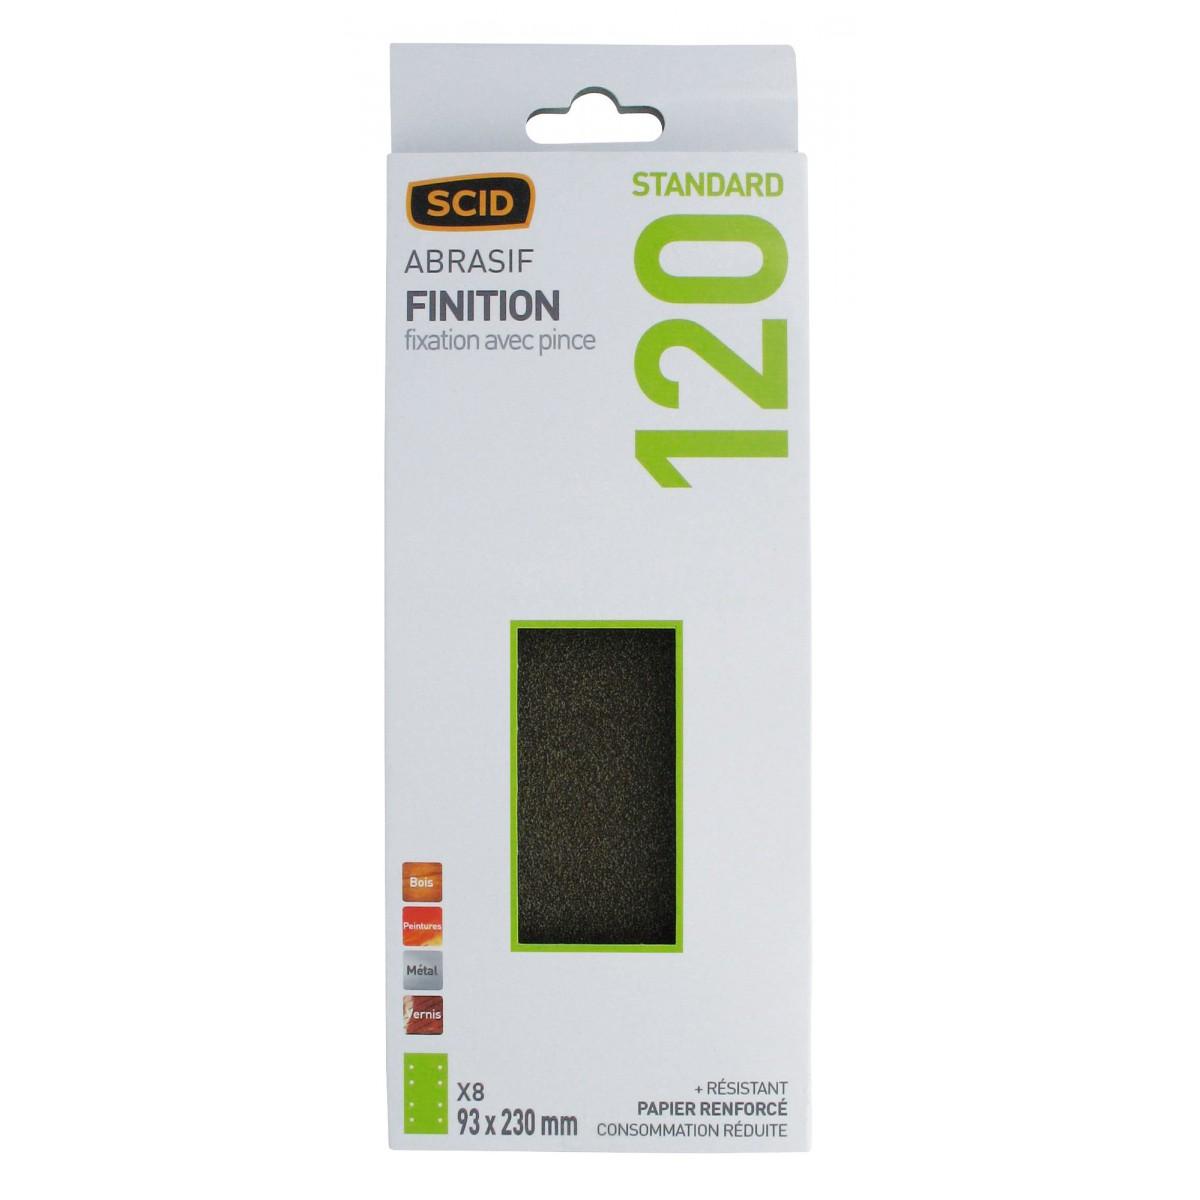 Patin fixation avec pince SCID - 8 trous parallèles - Grain 120 - Dimensions 93 x 230 mm - Vendu par 8